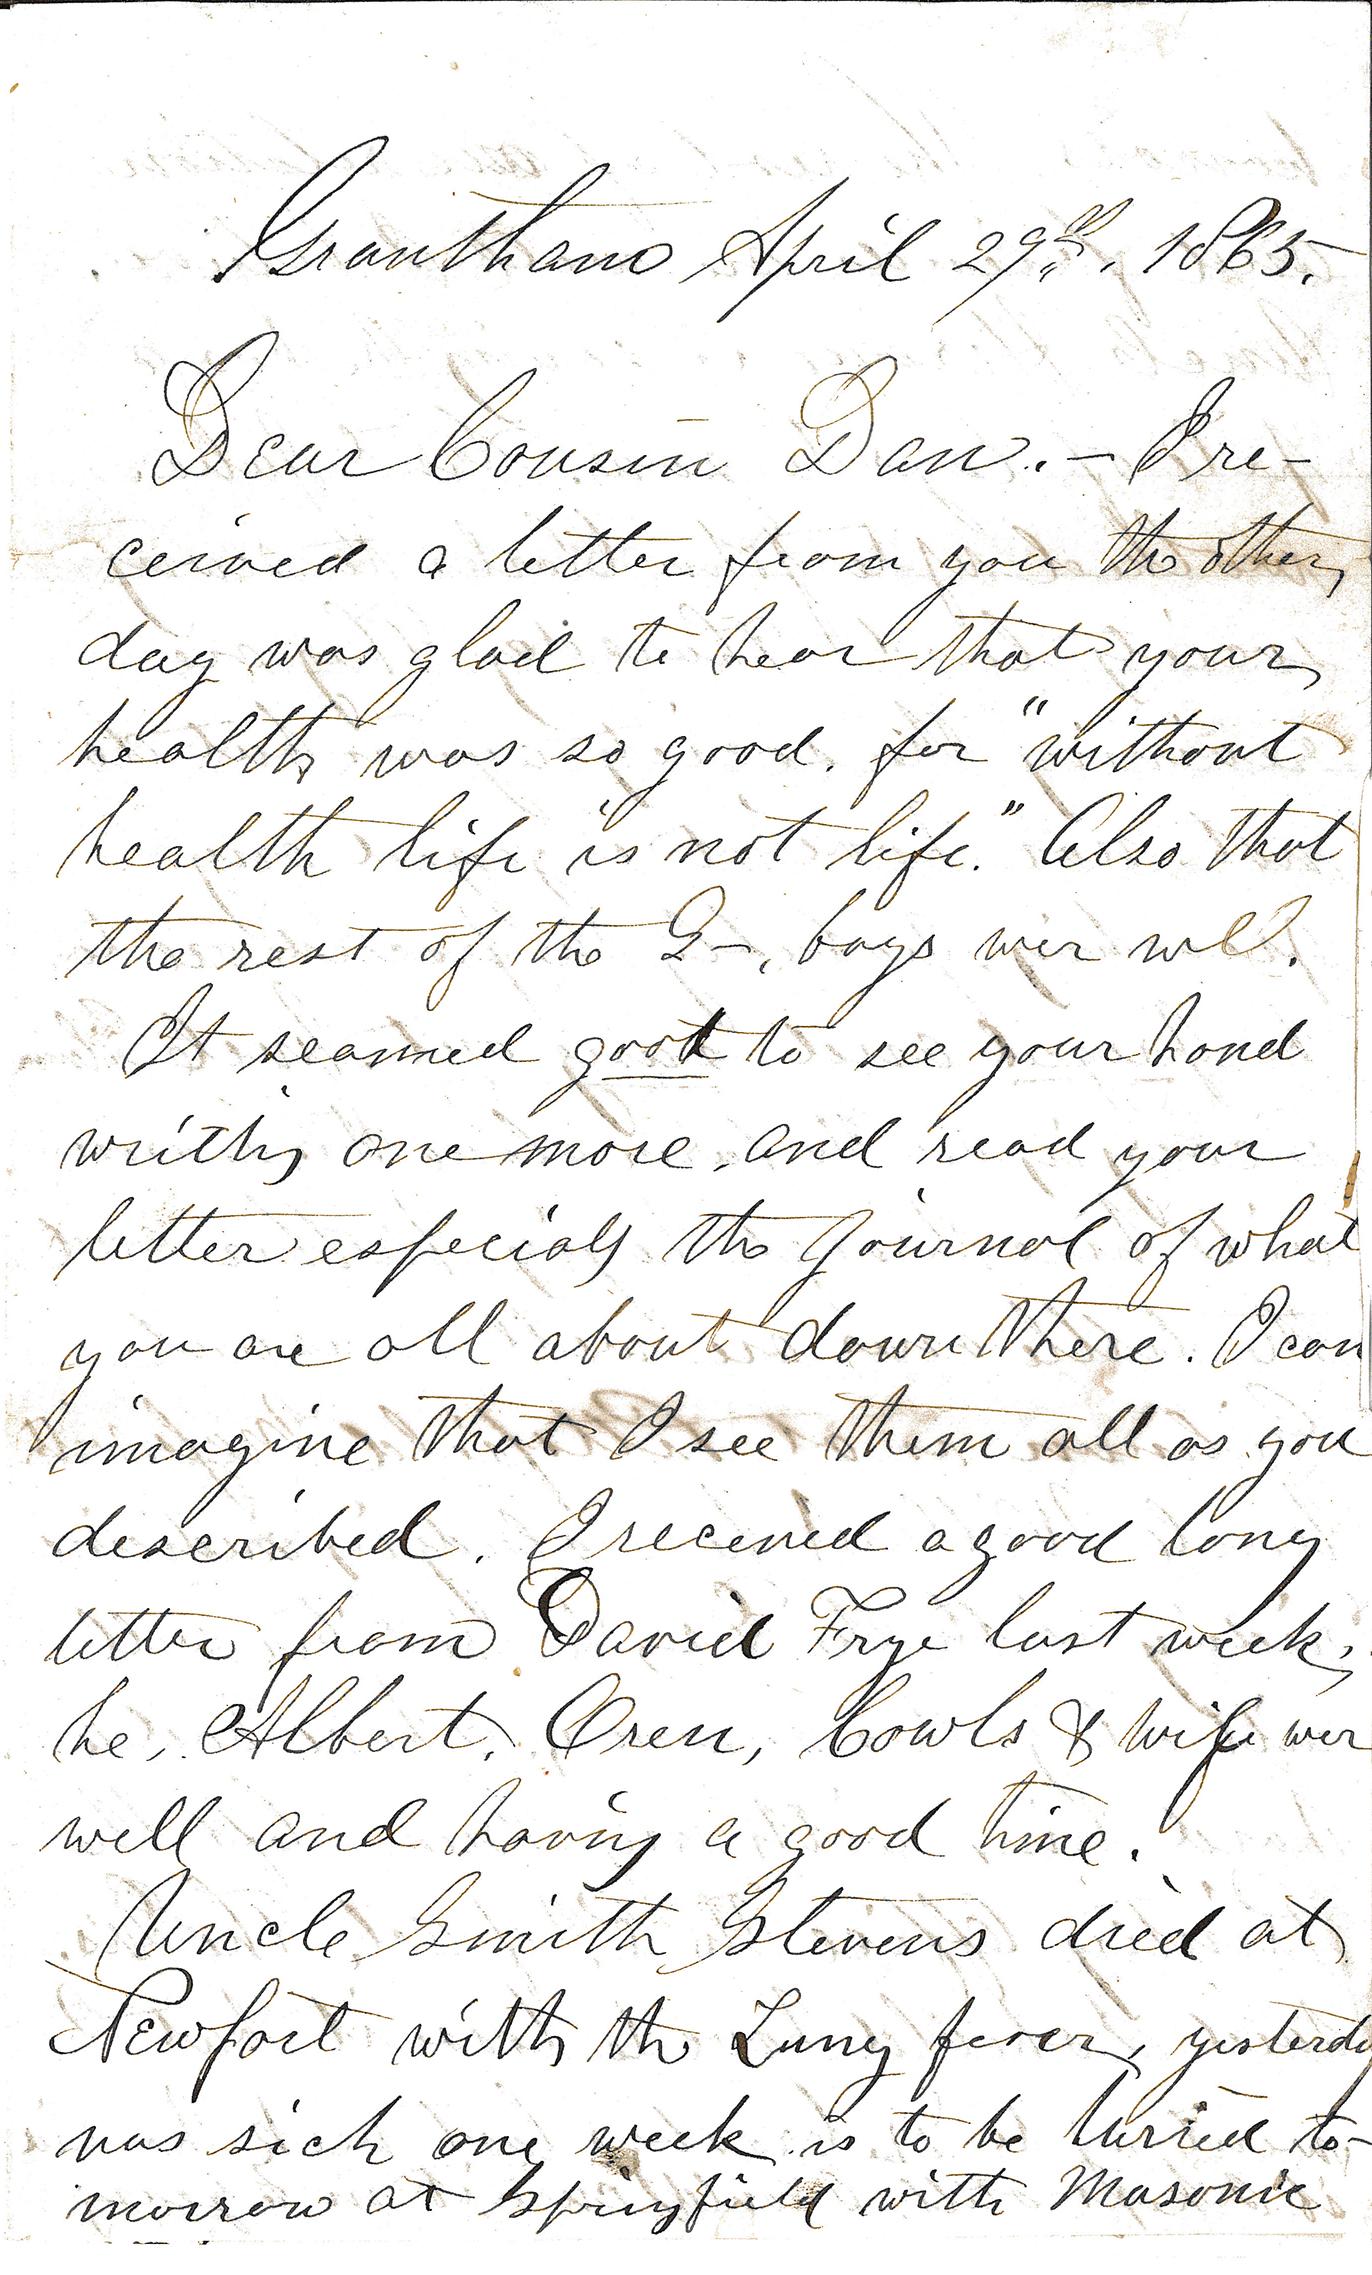 Letter – Grantham April 29th pt 1